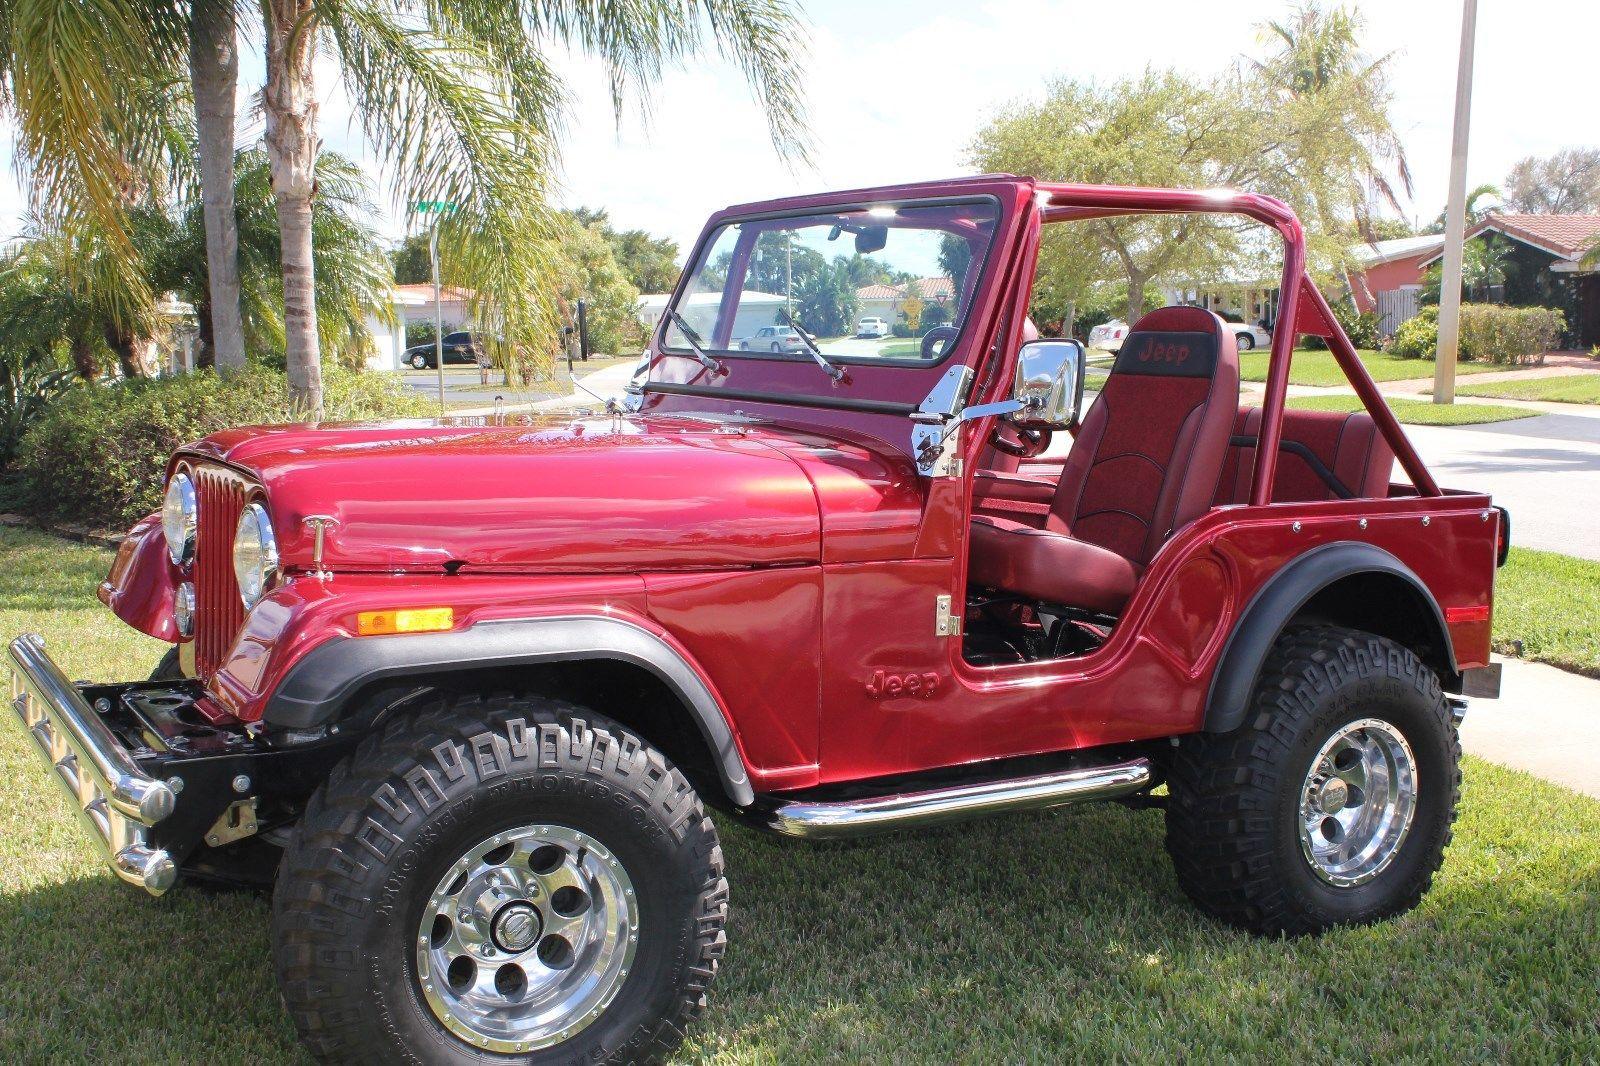 1978 Jeep Cj 1978 Rare Find Cj 5 Jeep Custom Restoration For Sale ...